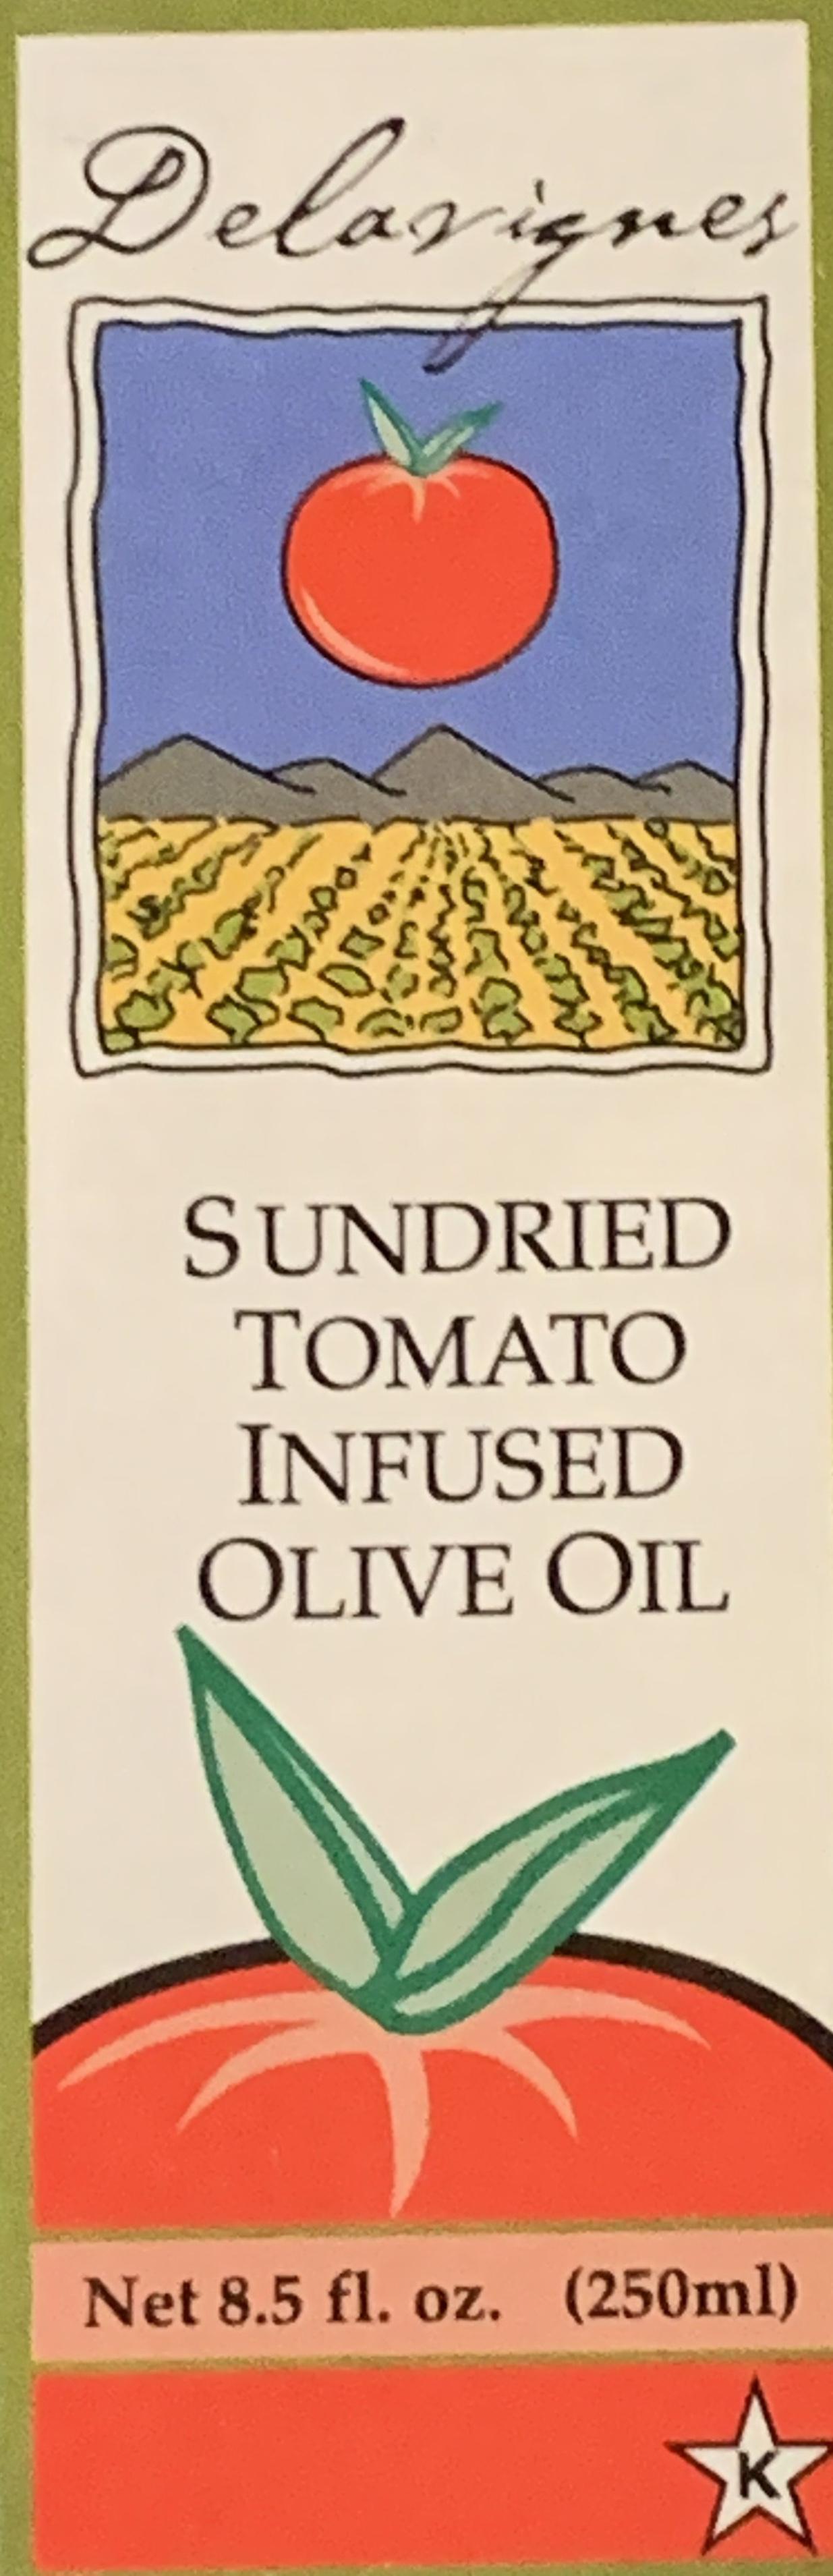 Delavignes Sun Dried Tomato Infused Olive Oil